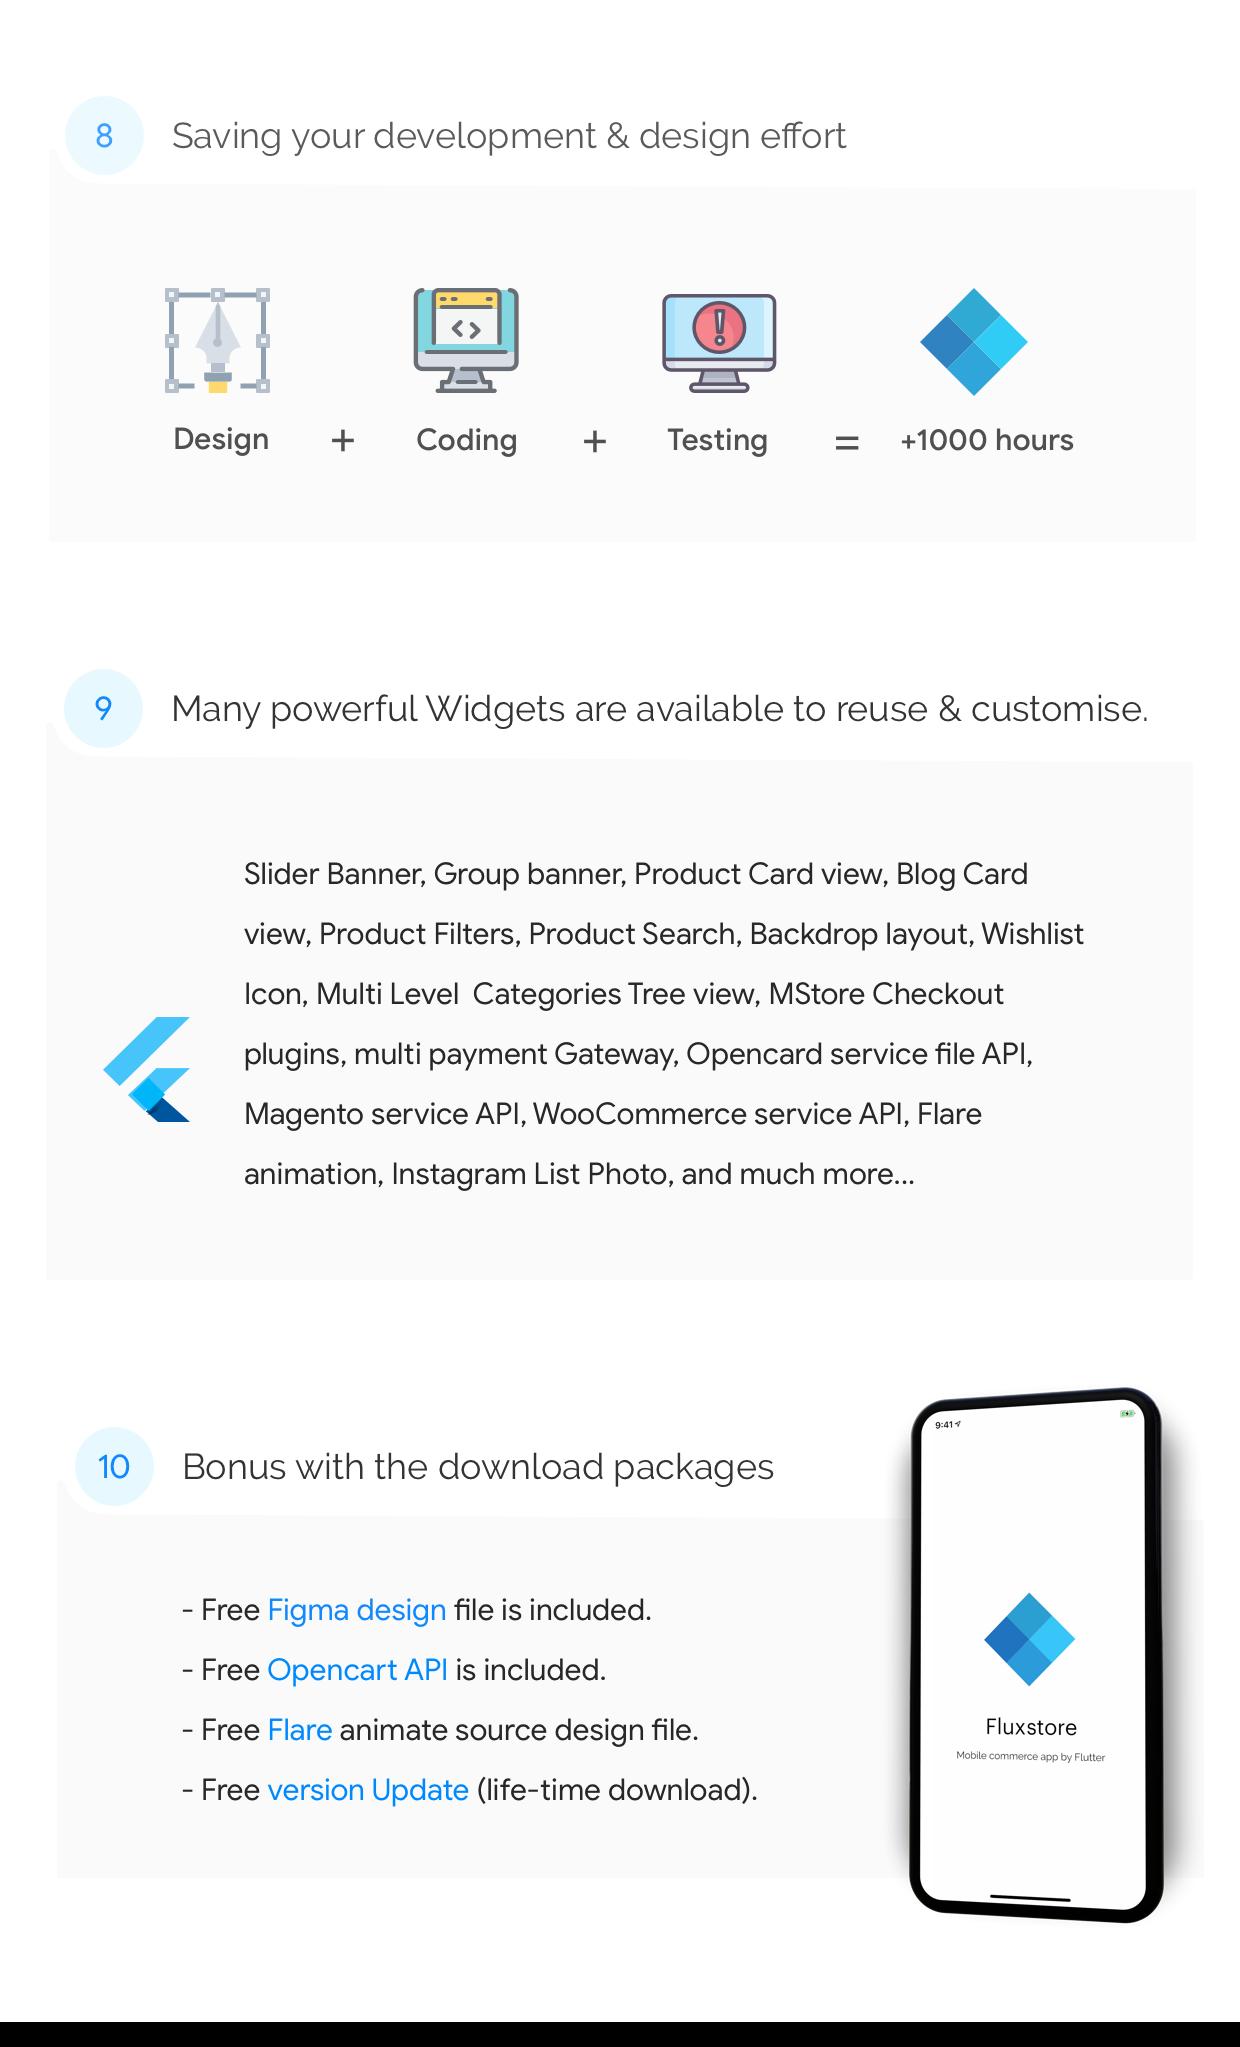 Fluxstore Pro - Flutter E-commerce Full App for Magento, Opencart, and Woocommerce - 8